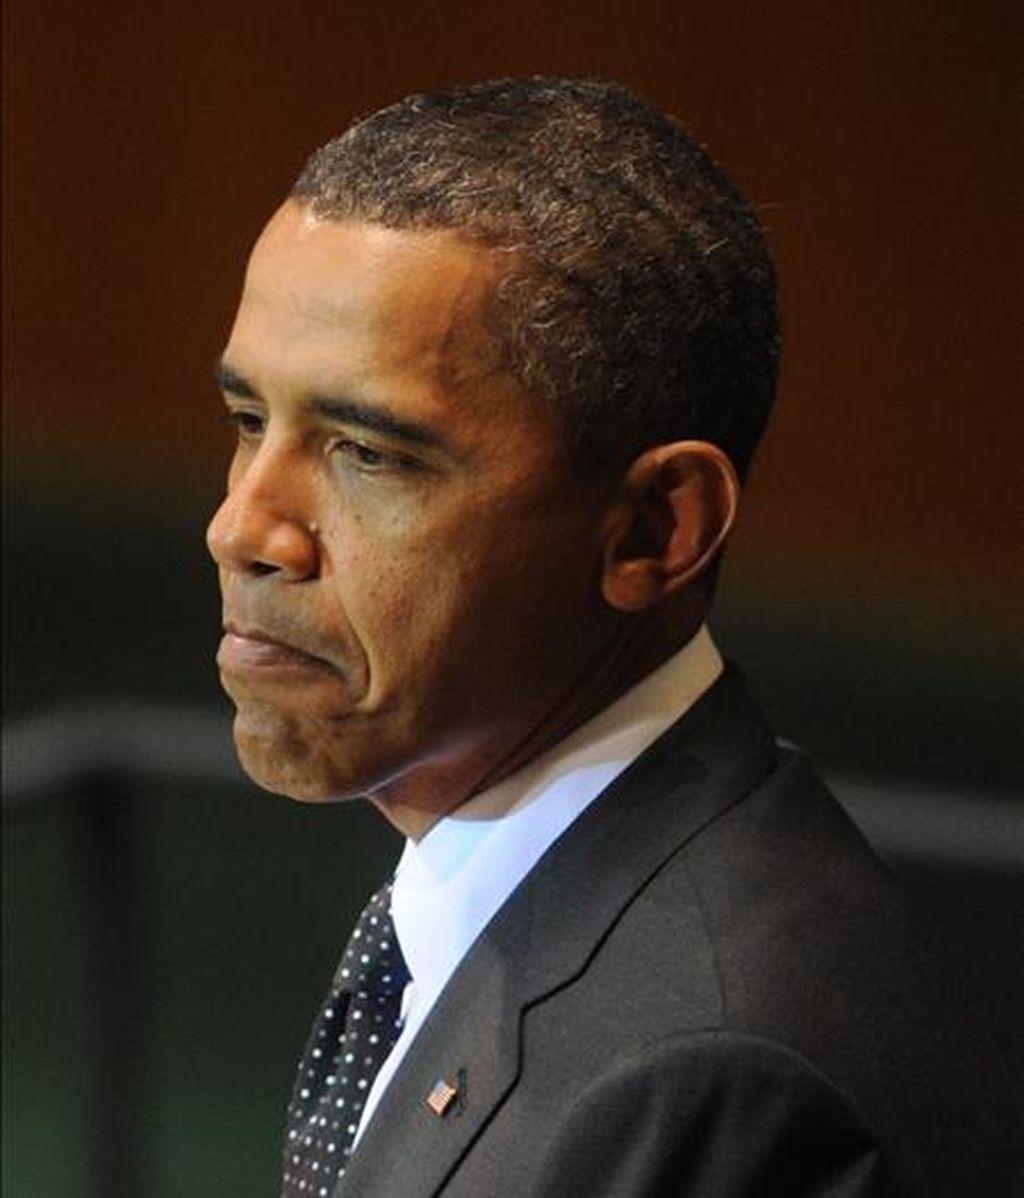 En un comunicado en el que informó de la reunión, la Casa Blanca señala que Obama insistió en que el Gobierno de EE.UU. hará todo lo posible por conseguir la libertad de los dos compañeros de Shourd, Josh Fattal y Shane Bauer. EFE/Archivo